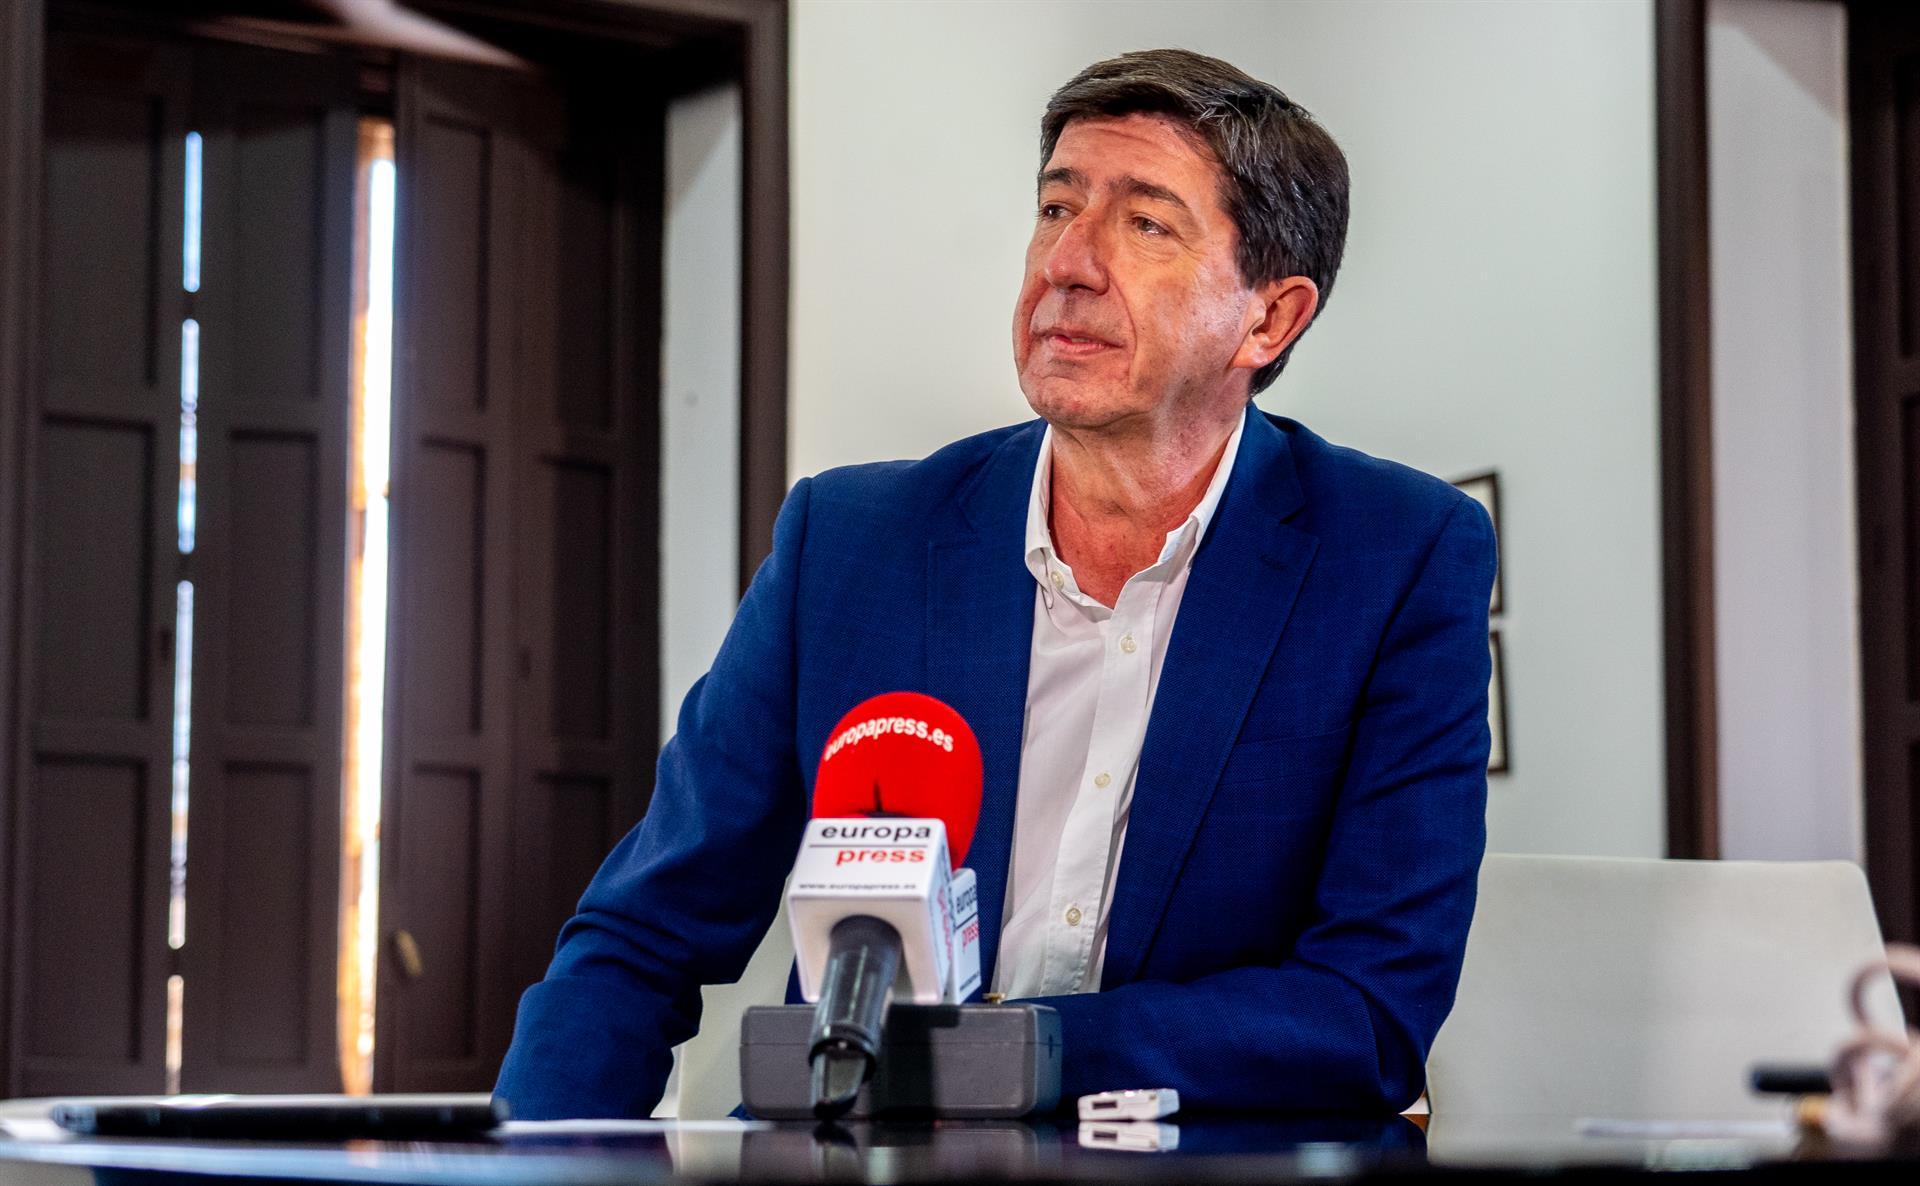 Marín: «Espero que se puede repetir este gobierno de PP y Cs otros cuatro años porque se ha puesto de moda ser moderado»